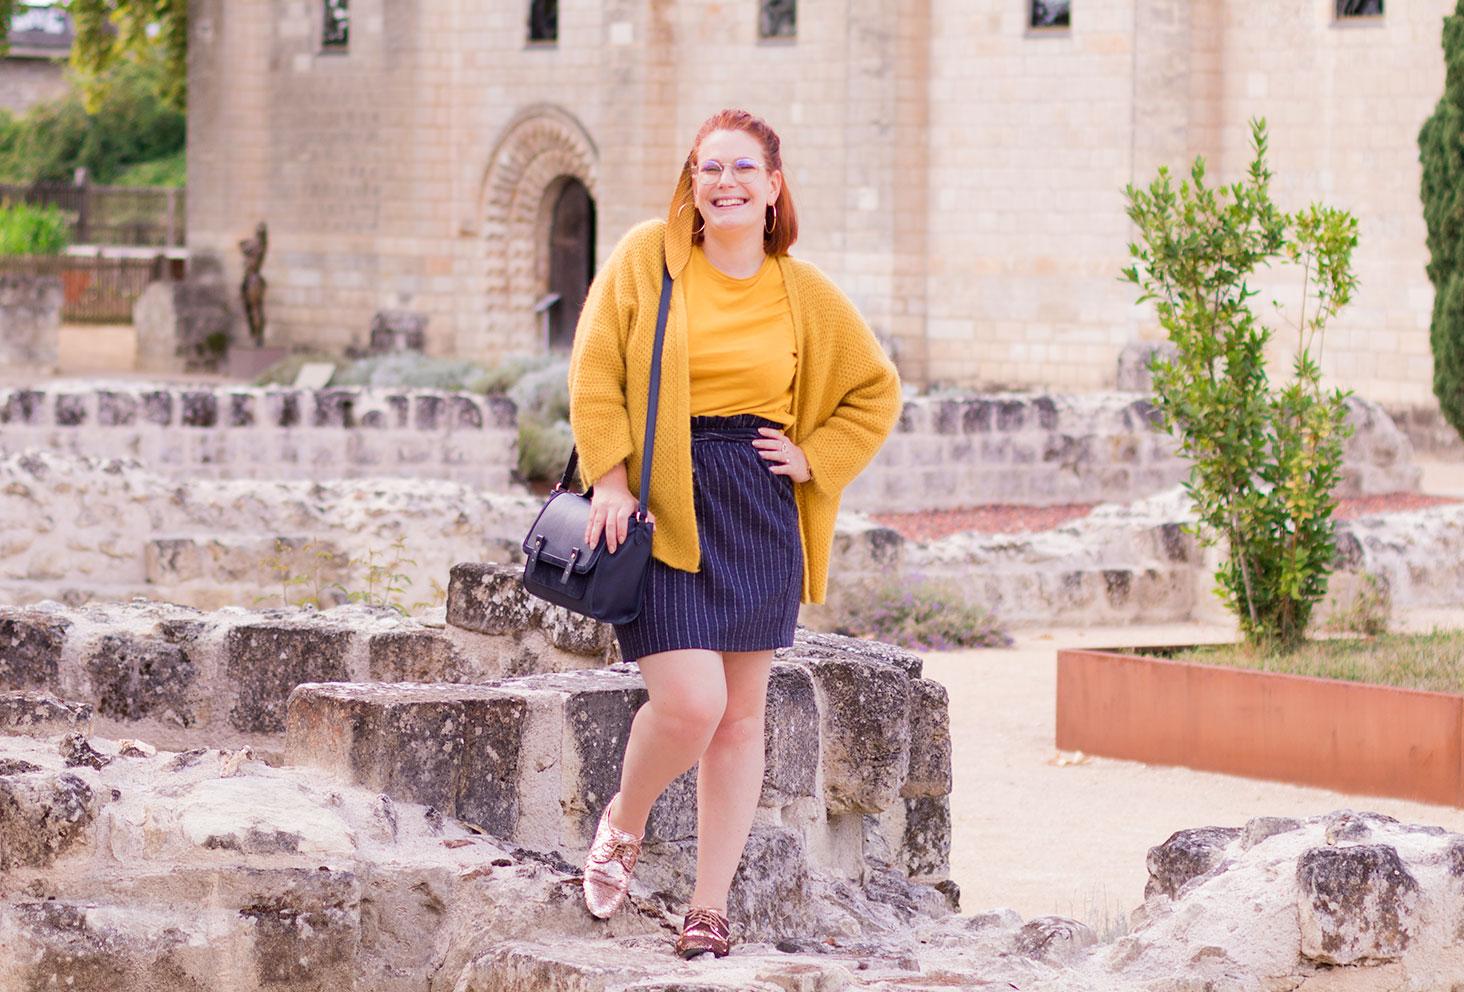 Debout sur un mur en pierre au milieu des ruines, en gilet jaune et jupe bleu à rayures